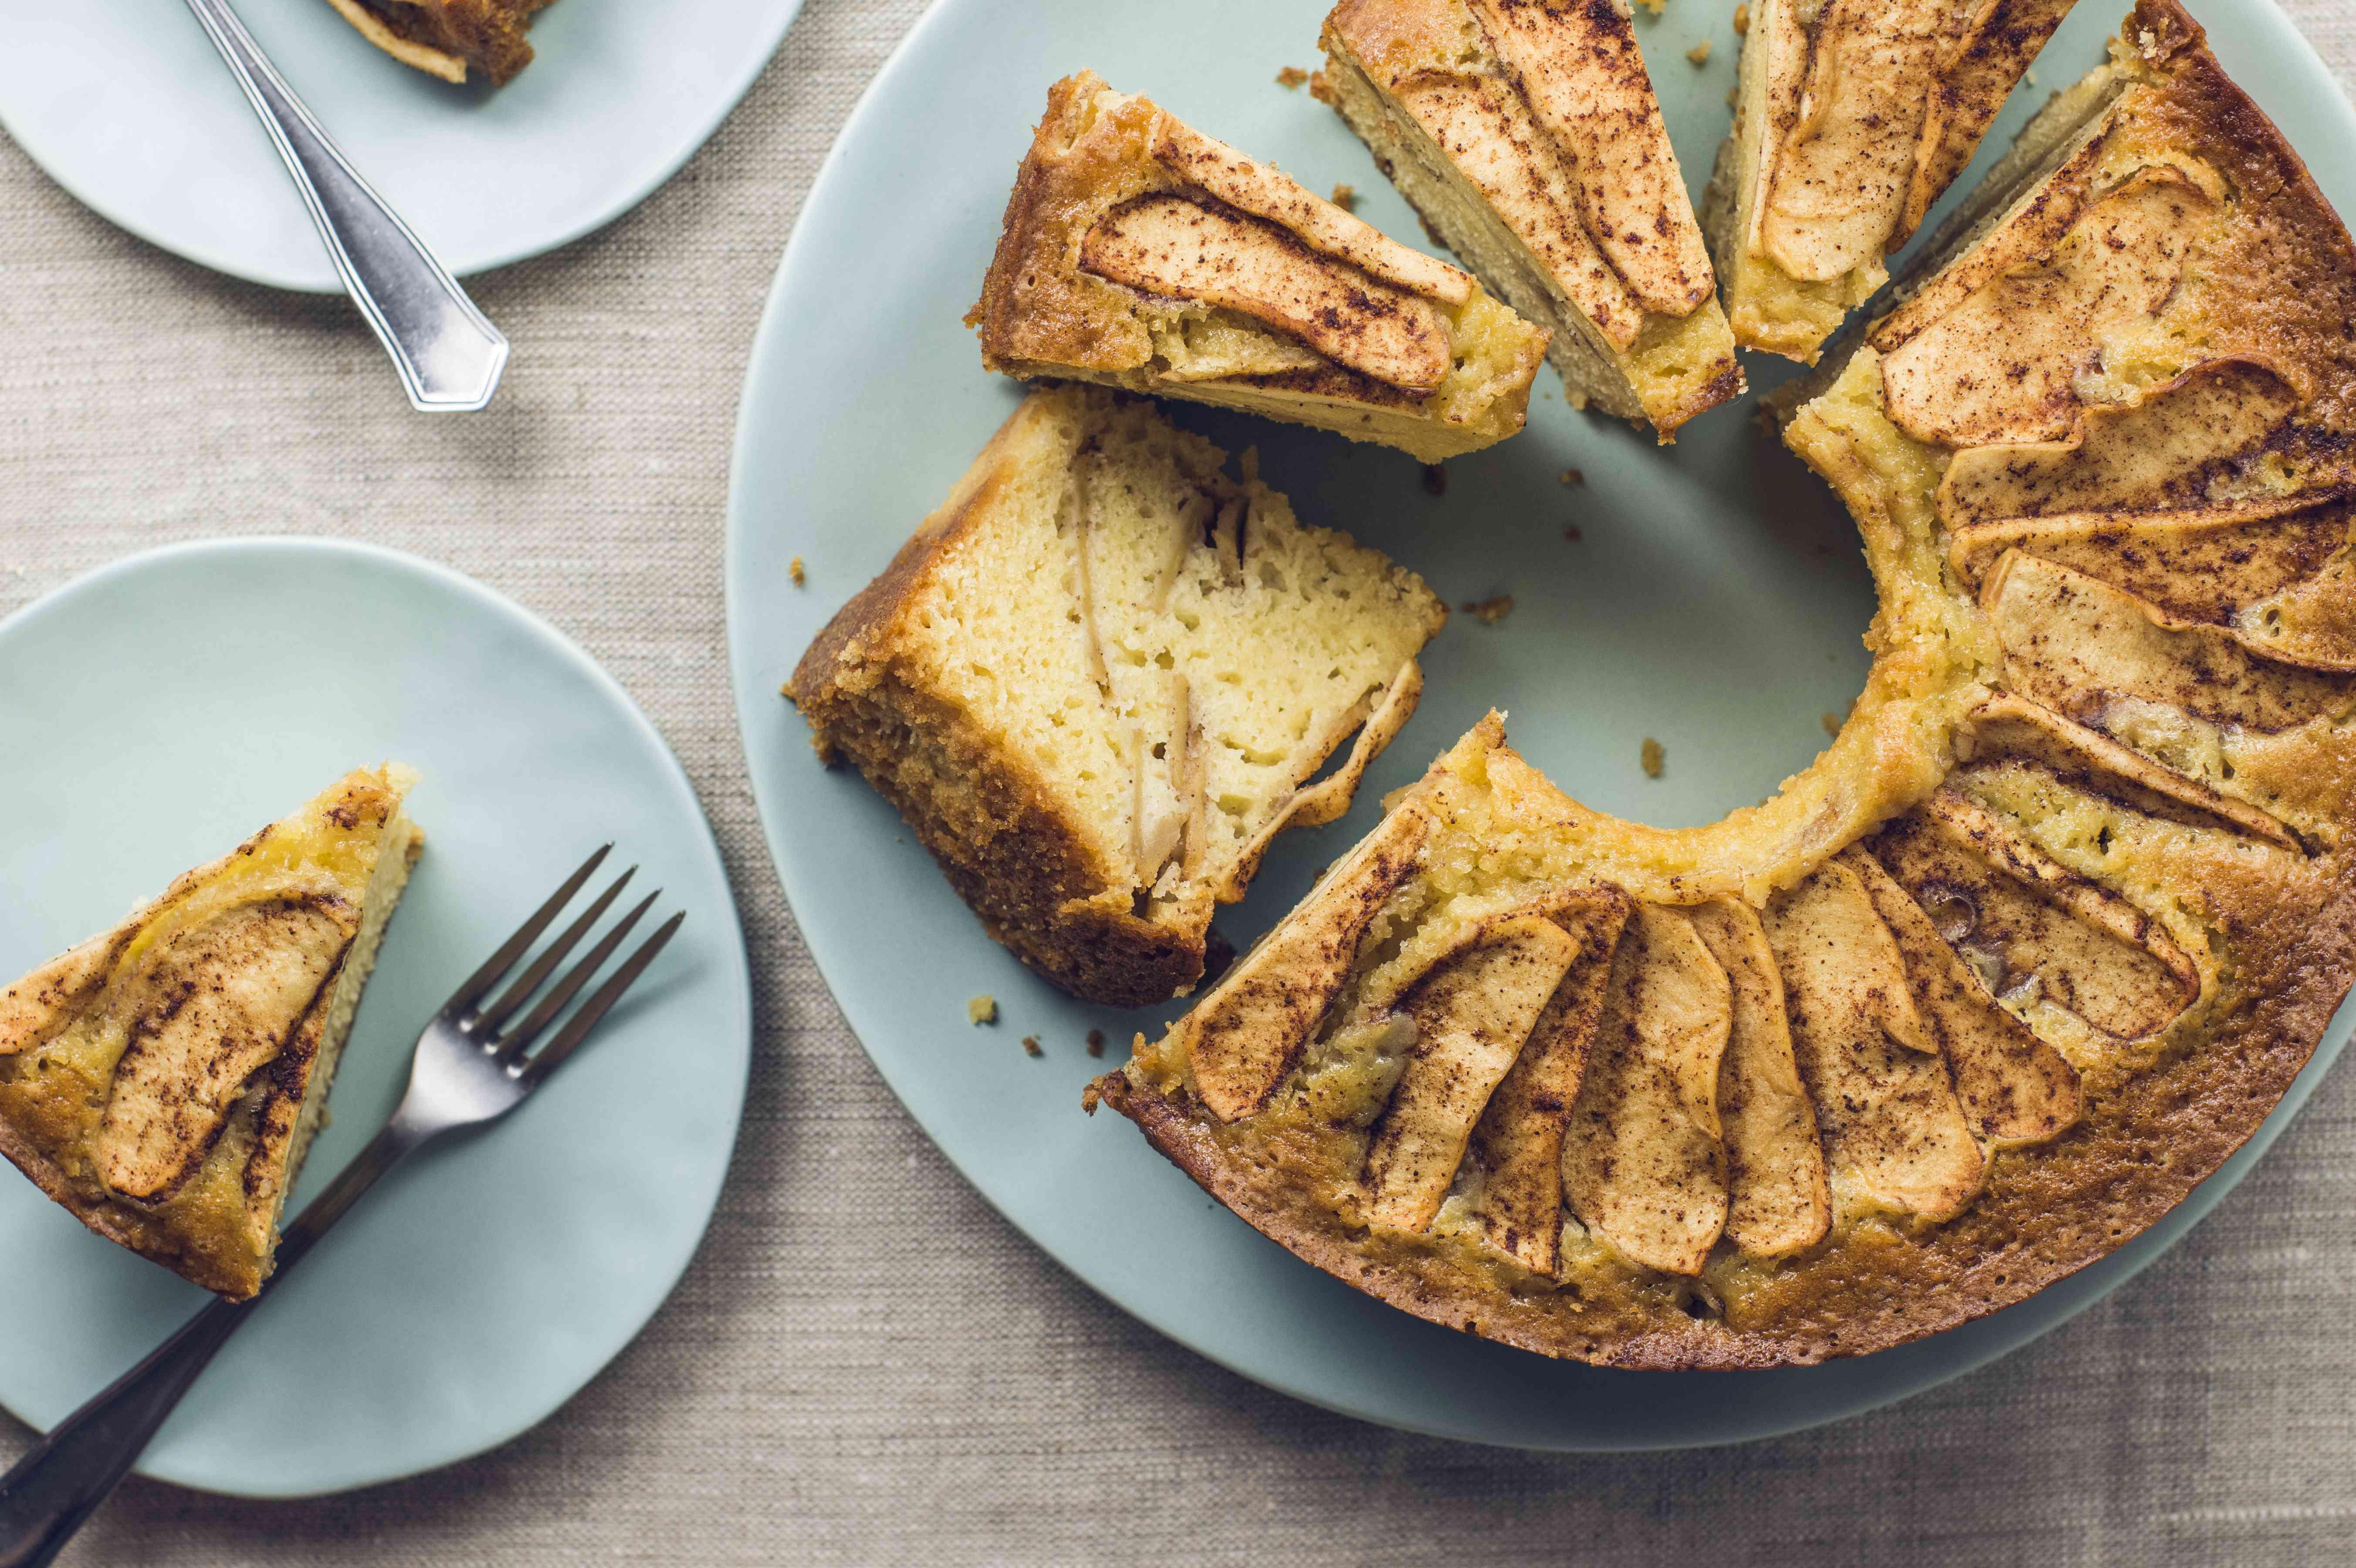 Jewish apple cake sliced for serving